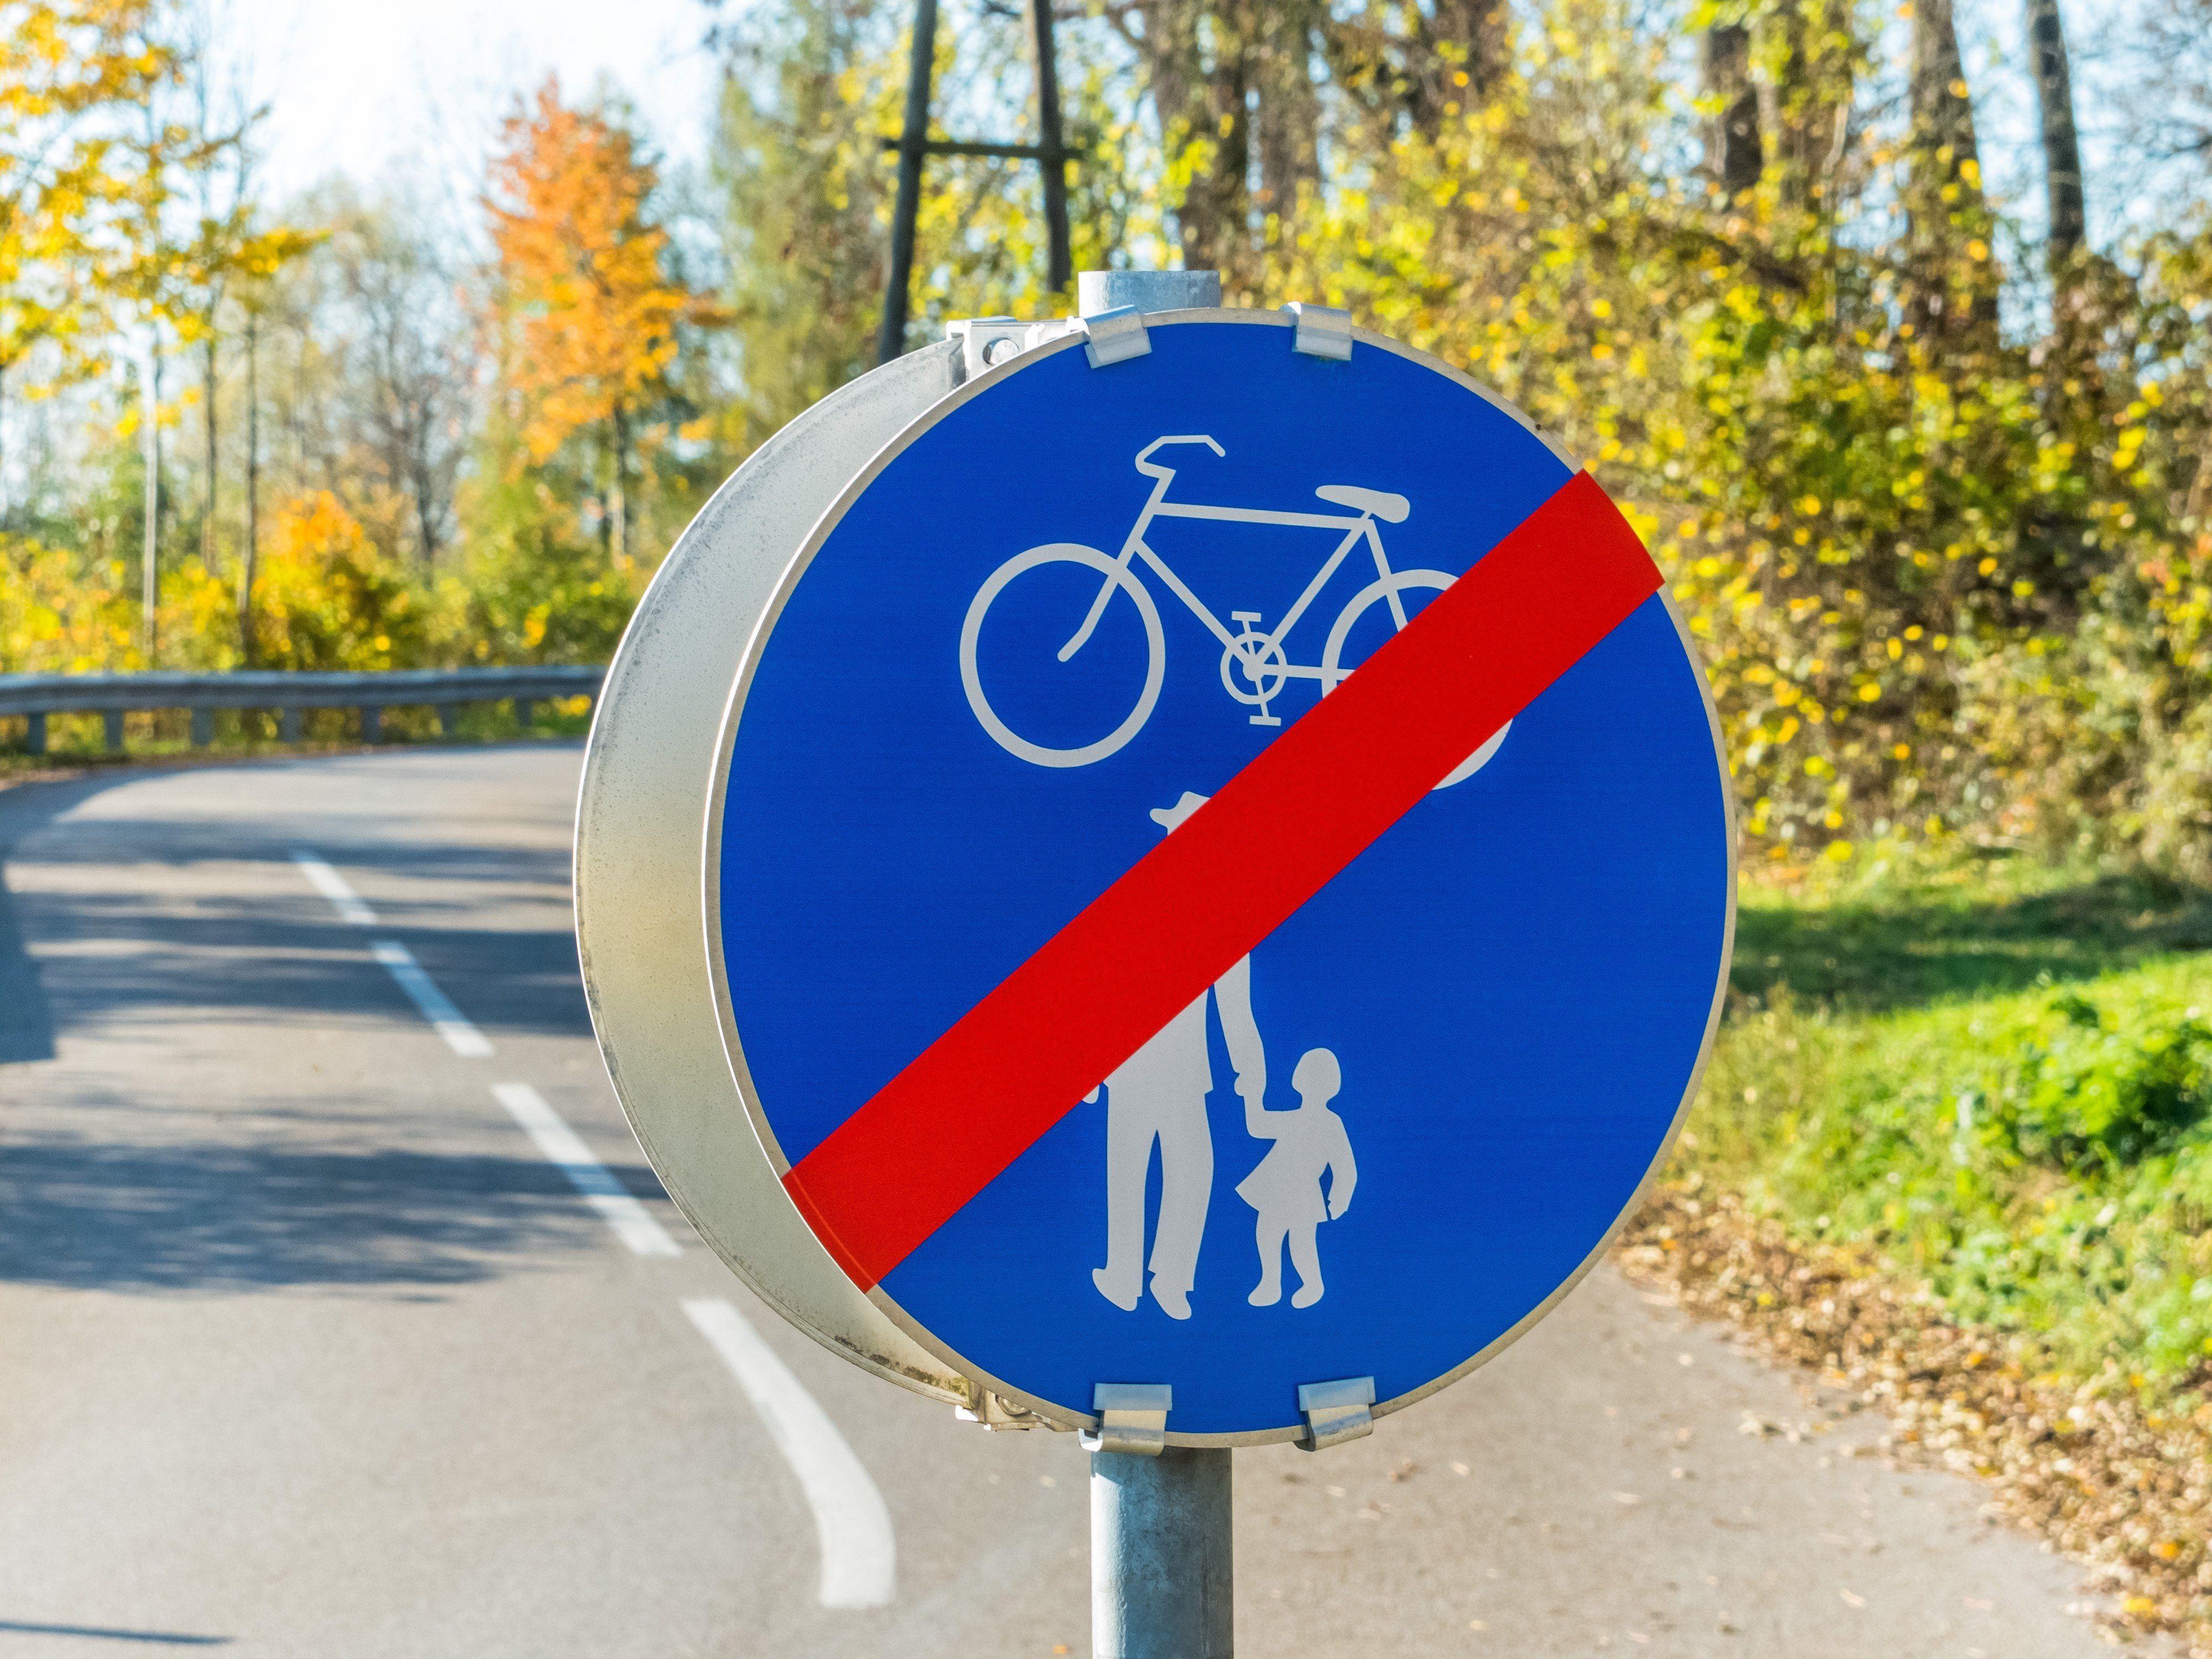 Die 70-Jährige war mit dem Fahrrad auf dem Gehsteig unterwegs.